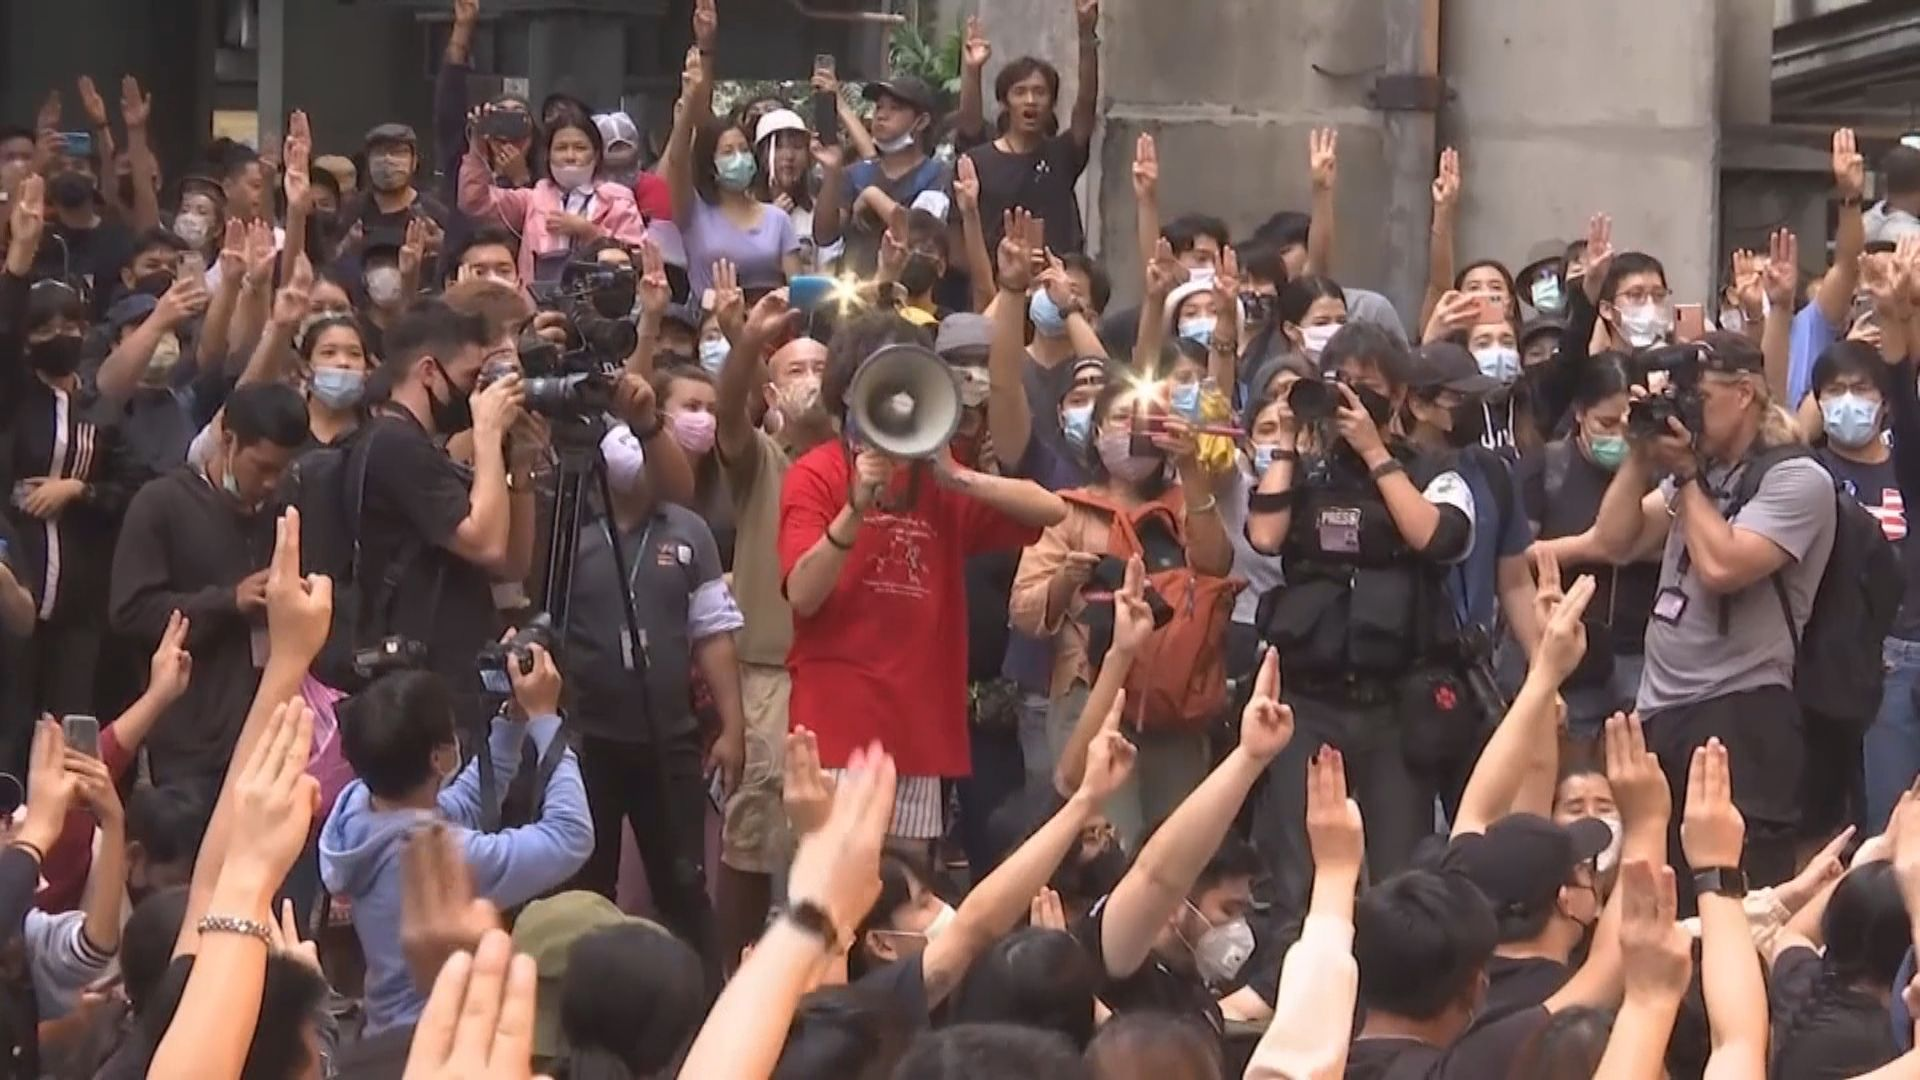 泰警方下令調查新聞媒體 指部分內容致社會動盪